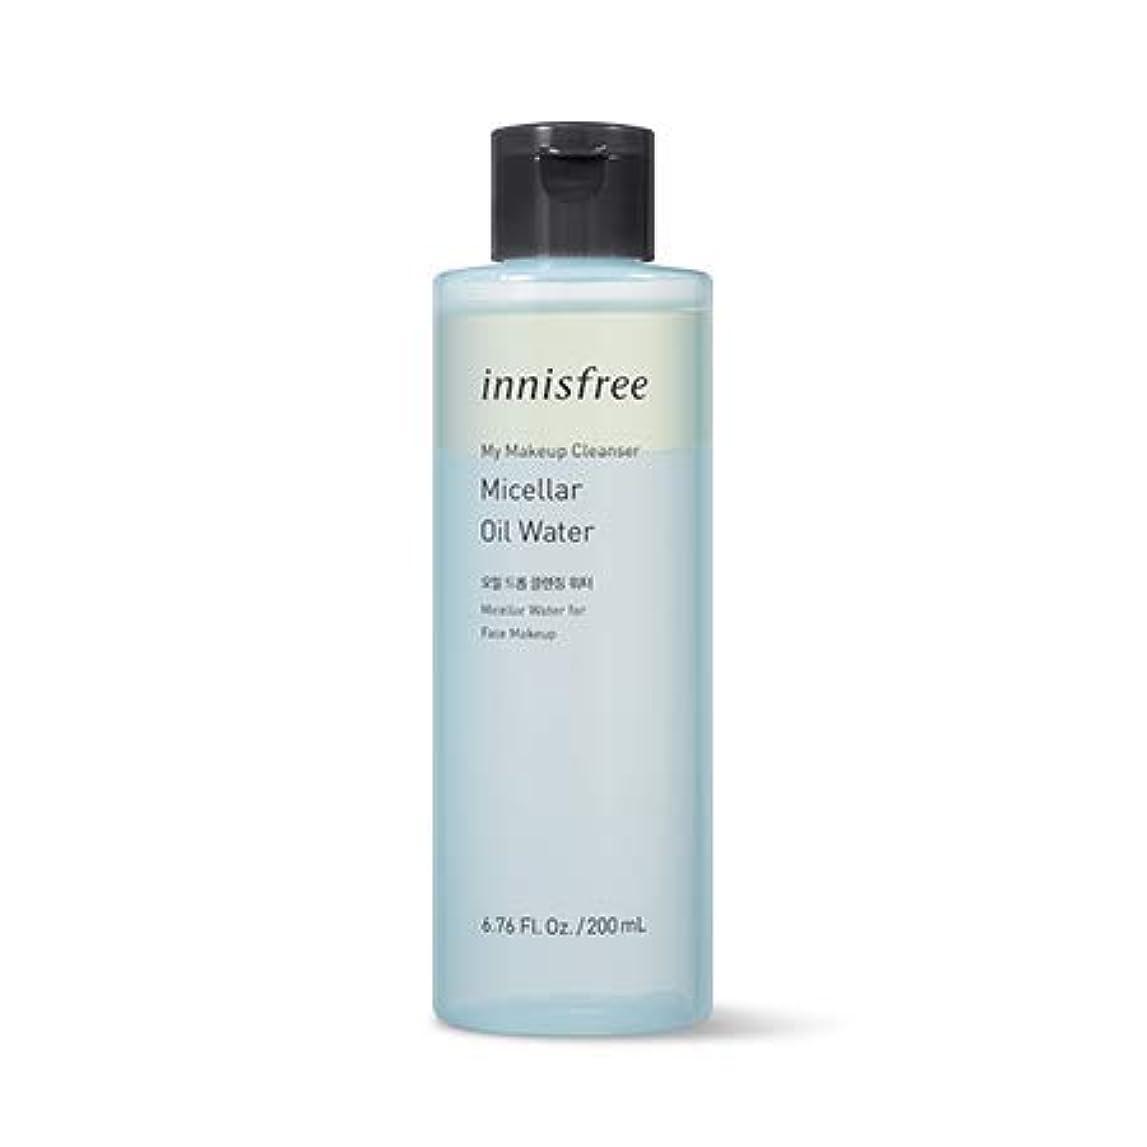 テレビ手つかずの助けて【innisfree】マイメイククレンザー - ミシェルとオイルウォーター200mL My Makeup Cleanser - Micellar Oil Water